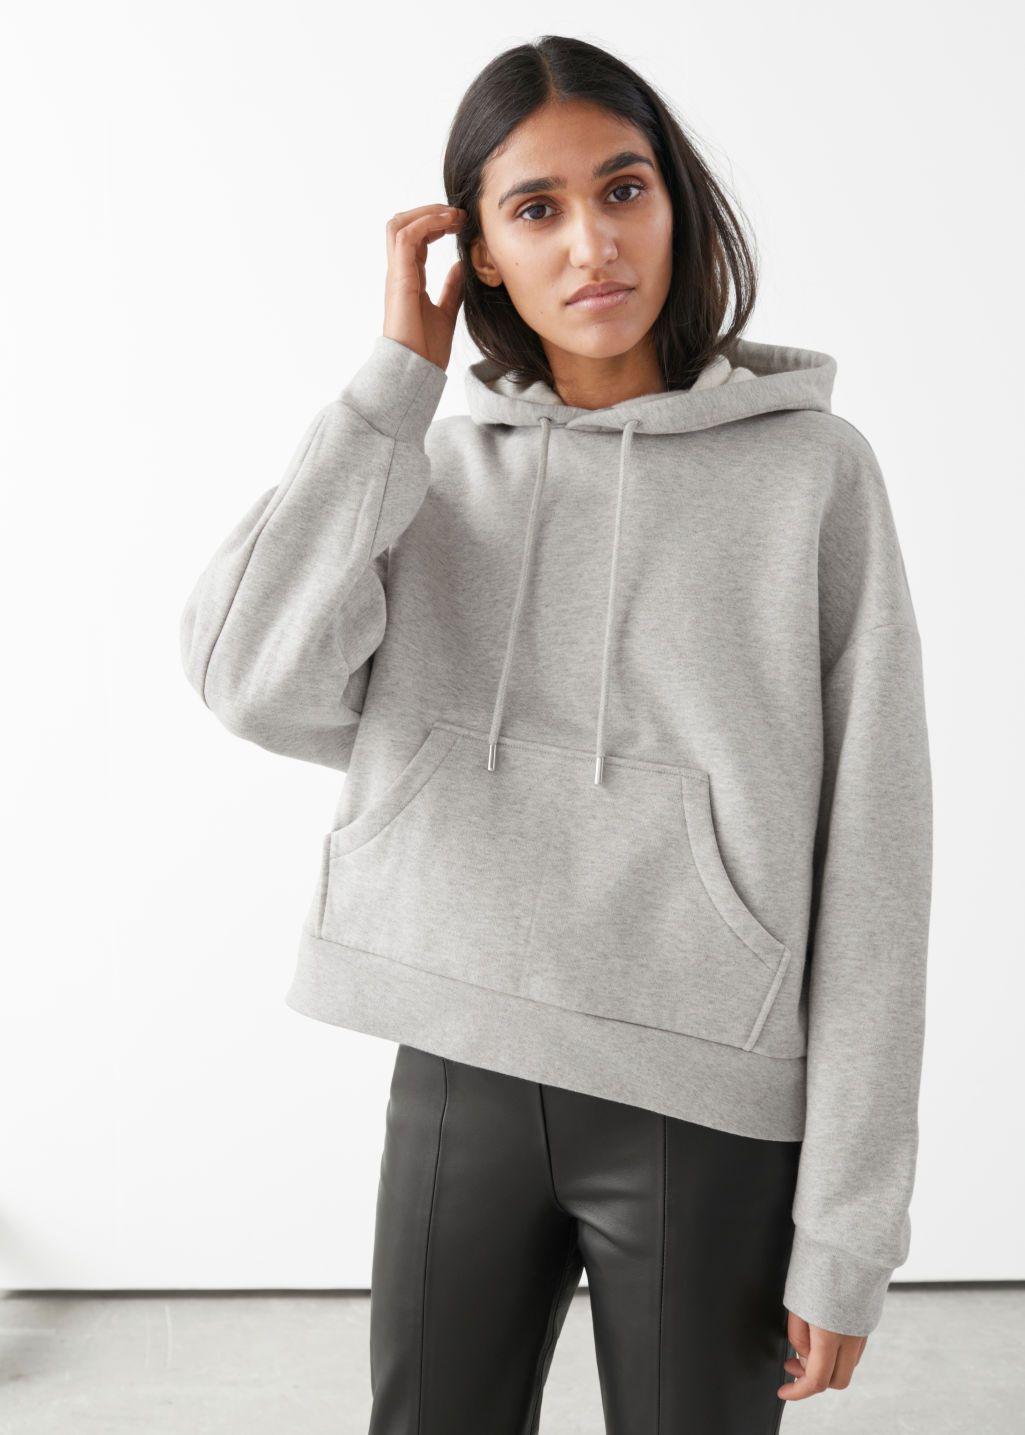 Oversized Boxy Hooded Sweatshirt Hooded Sweatshirts Chic Sweatshirt French Girl Style Outfits [ 1435 x 1025 Pixel ]